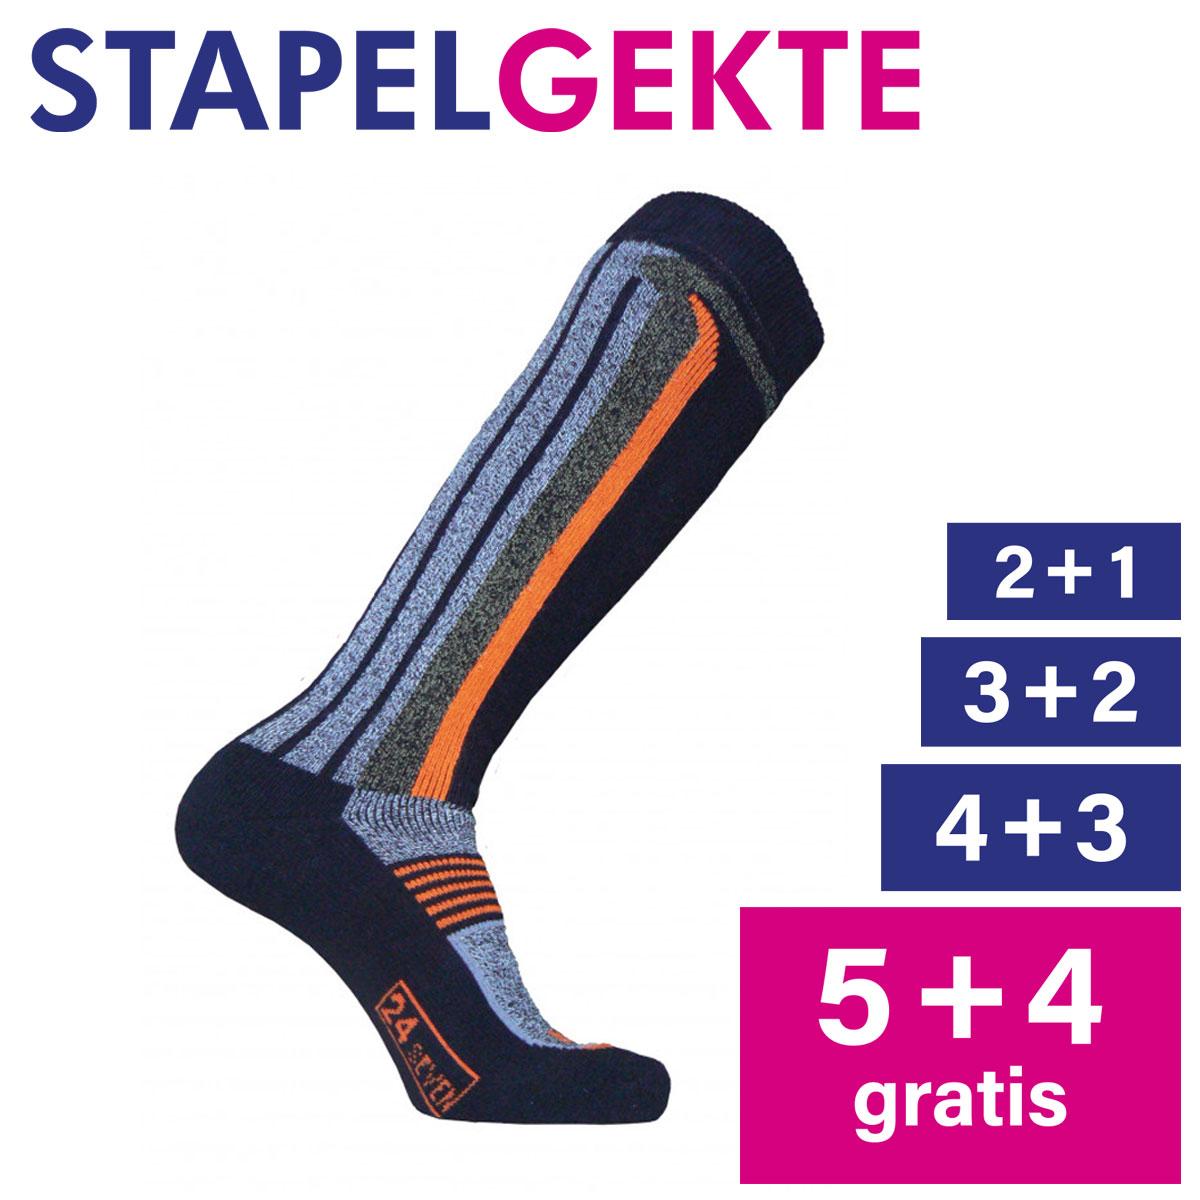 Stapelkorting: Skisokken 24-seven